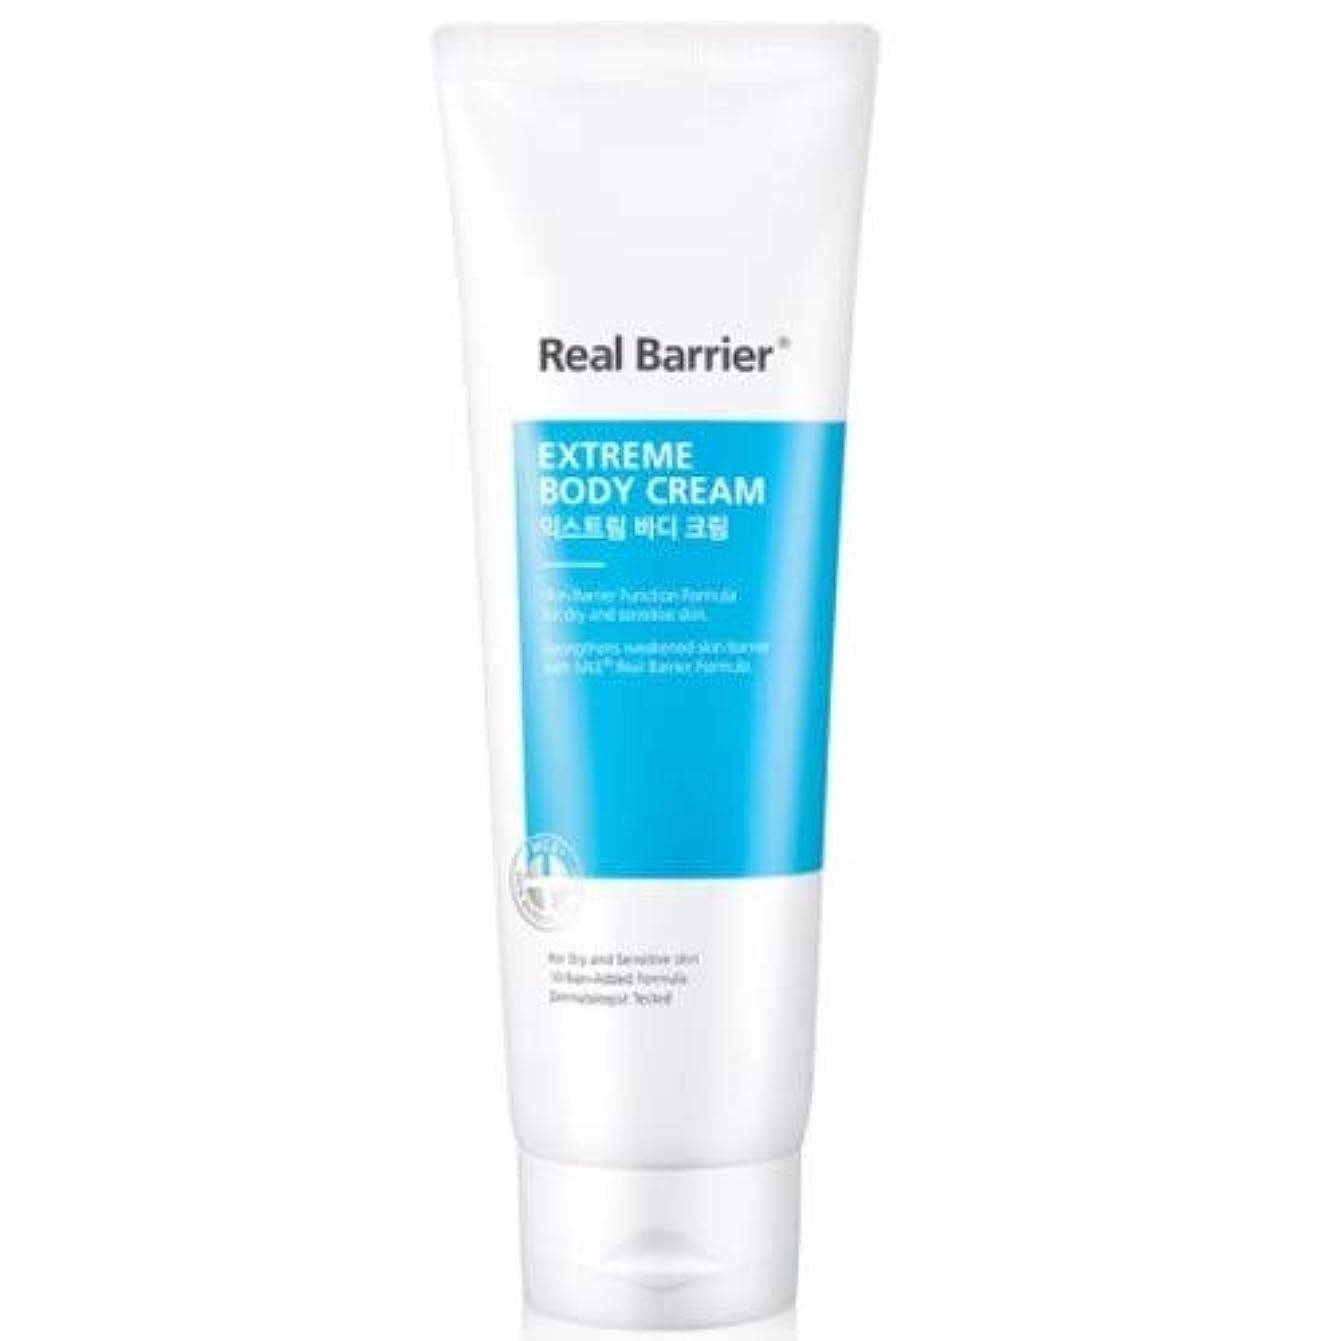 アクチュエータ我慢する技術的なATOPALM Real Barrier?エクストリームボディークリーム250g / ATOPALM Real Barrier Extreme Body Cream [並行輸入品]